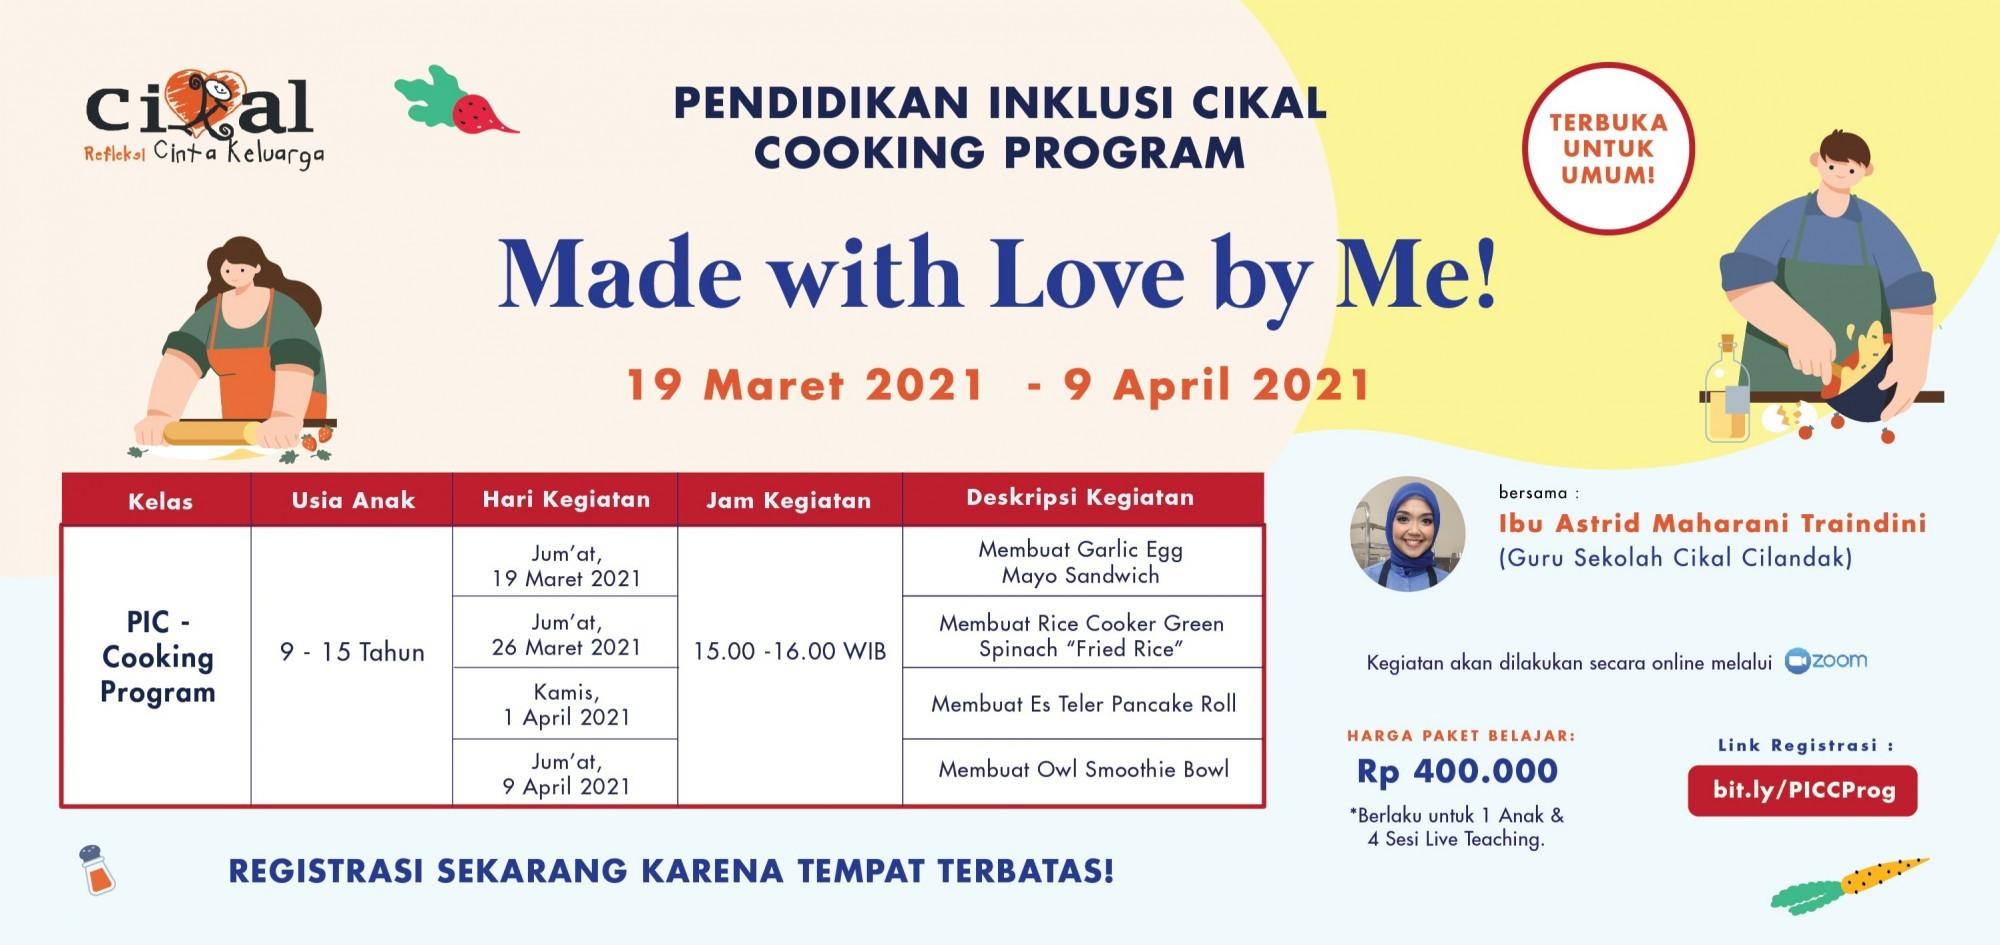 Pendidikan Inklusi Cikal - Cooking Program